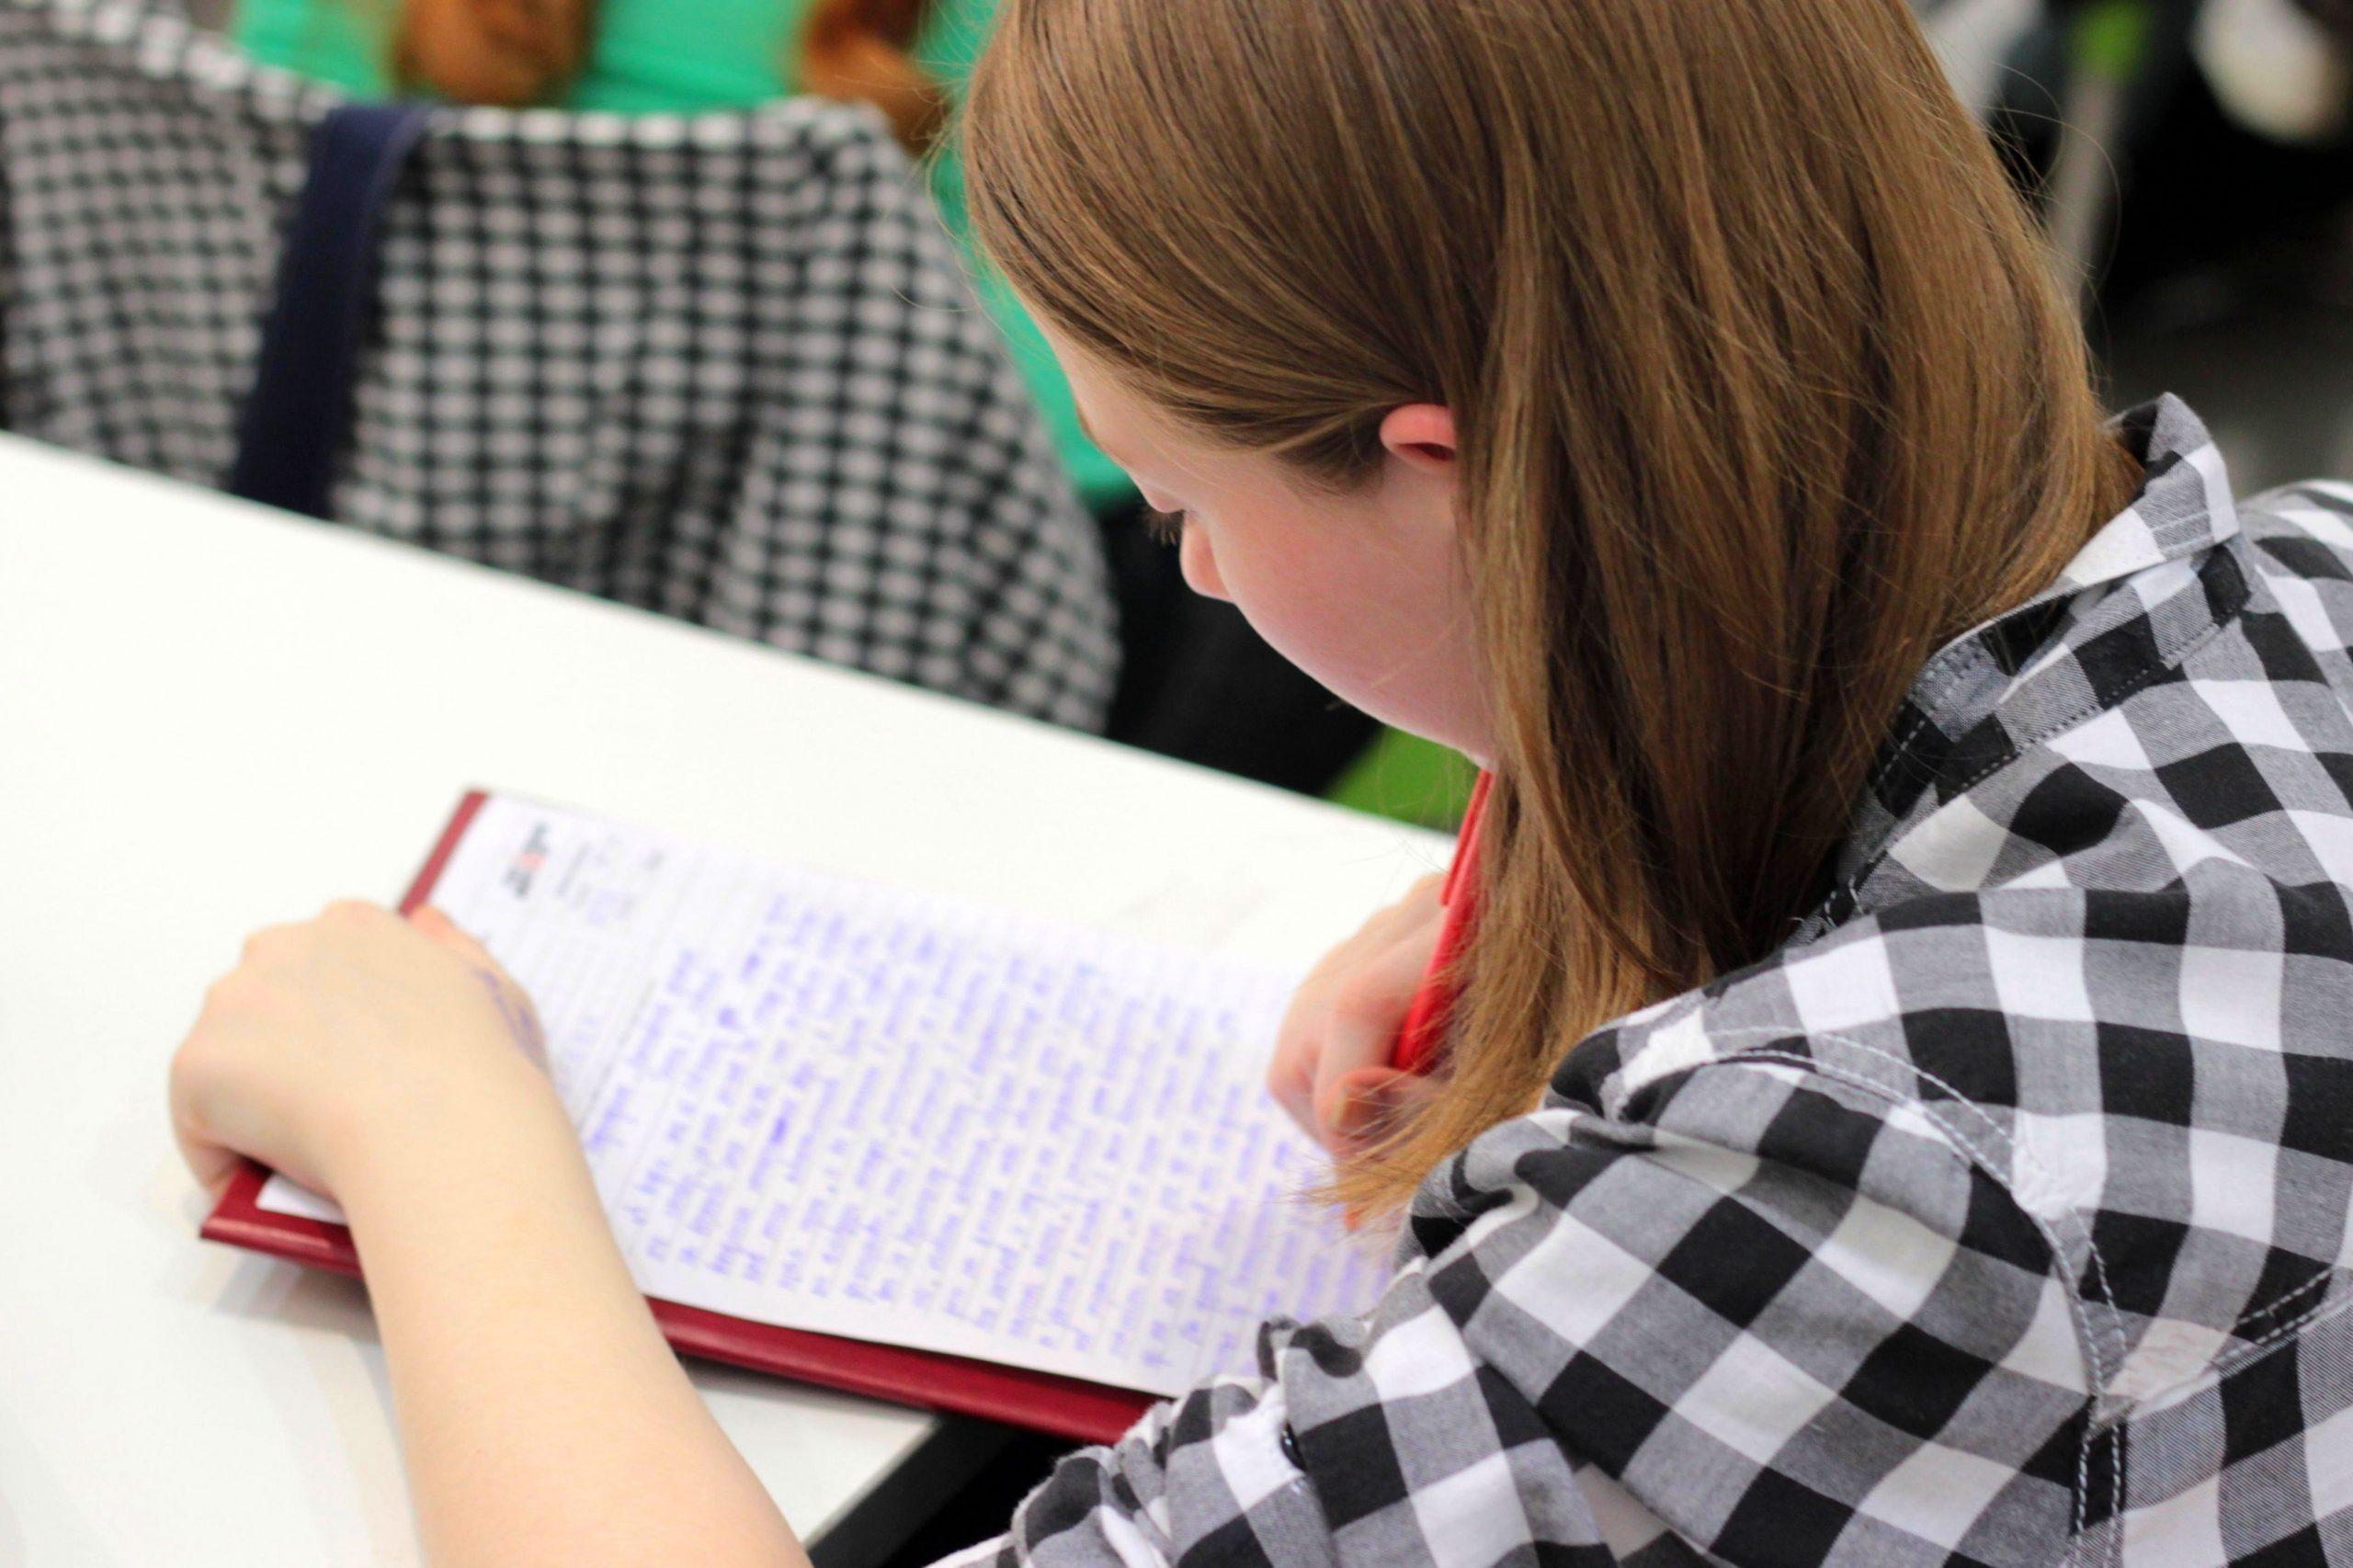 Abierto el plazo de solicitud de ayudas a estudiantes de Tías para el curso 2020/2021